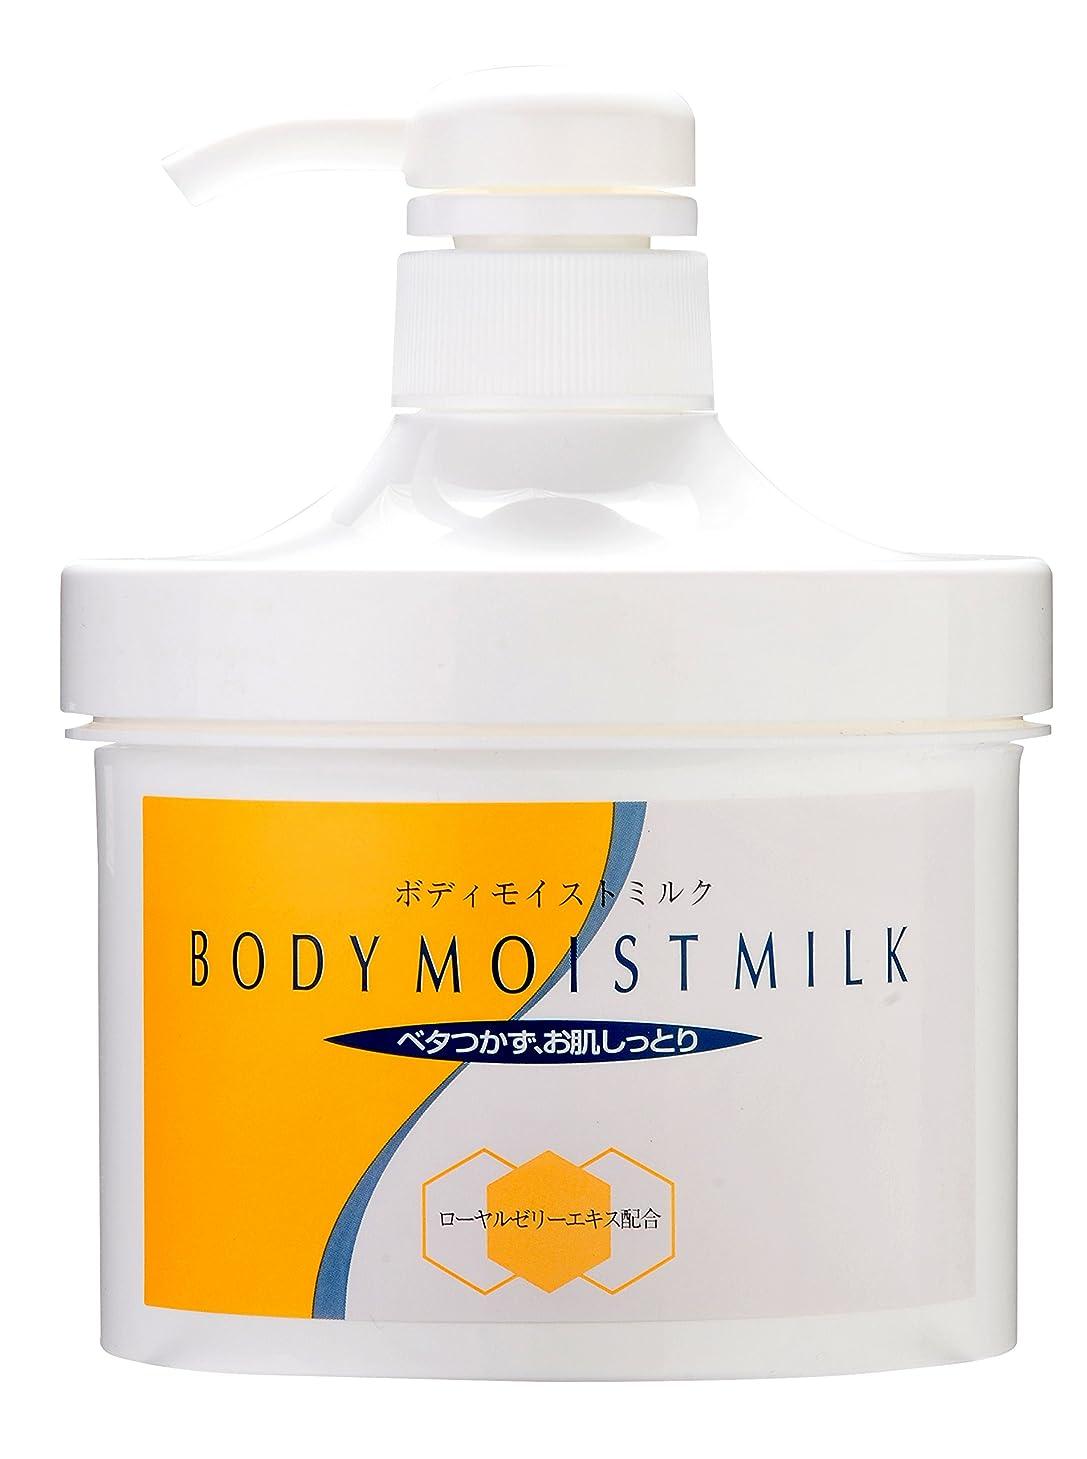 シュリンクこんにちはシェア◆ボディモイストミルク(ボデイクリーム) 全身保湿乳液 無香料